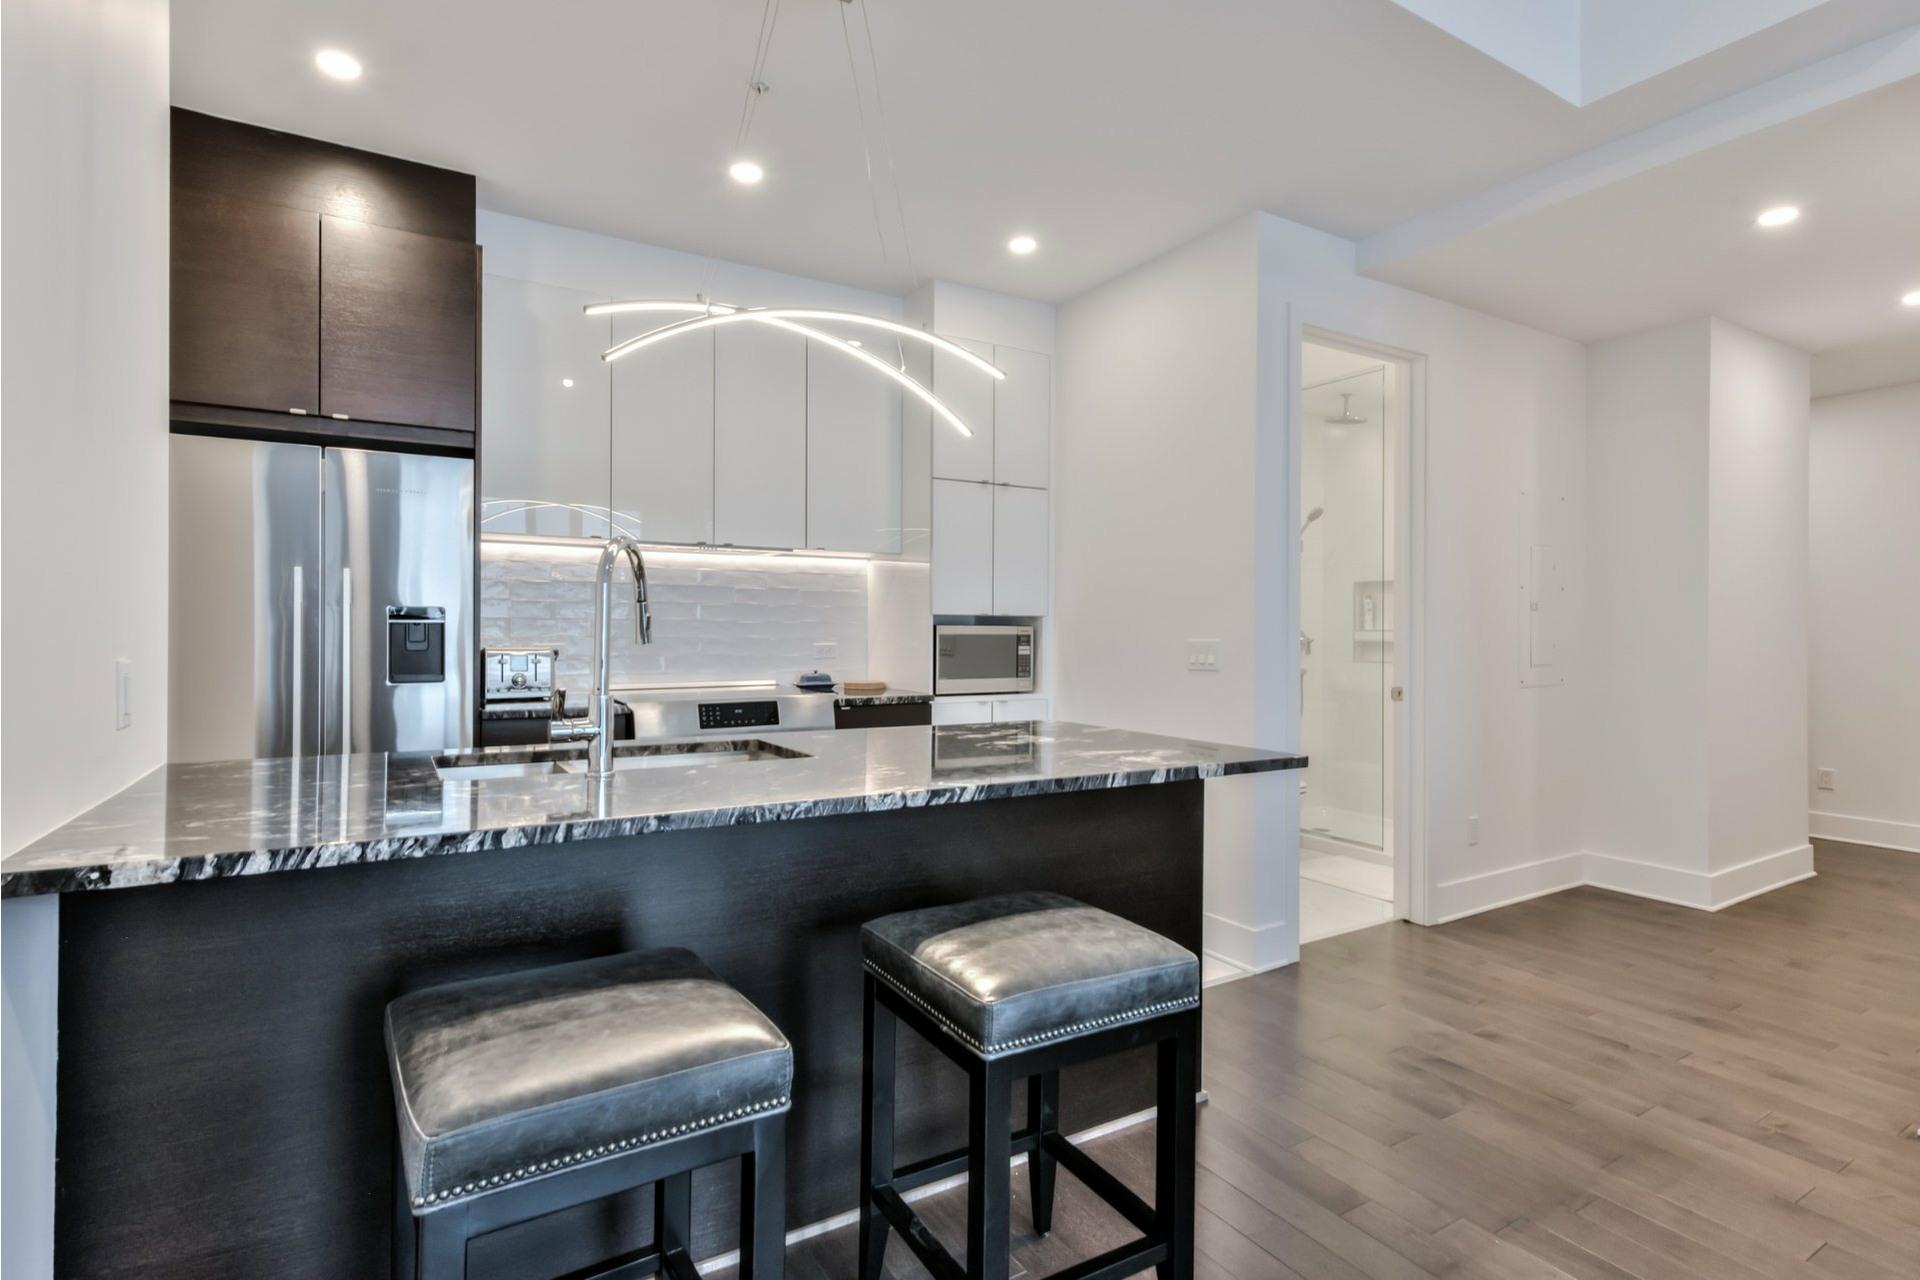 image 6 - Apartment For sale Côte-des-Neiges/Notre-Dame-de-Grâce Montréal  - 4 rooms